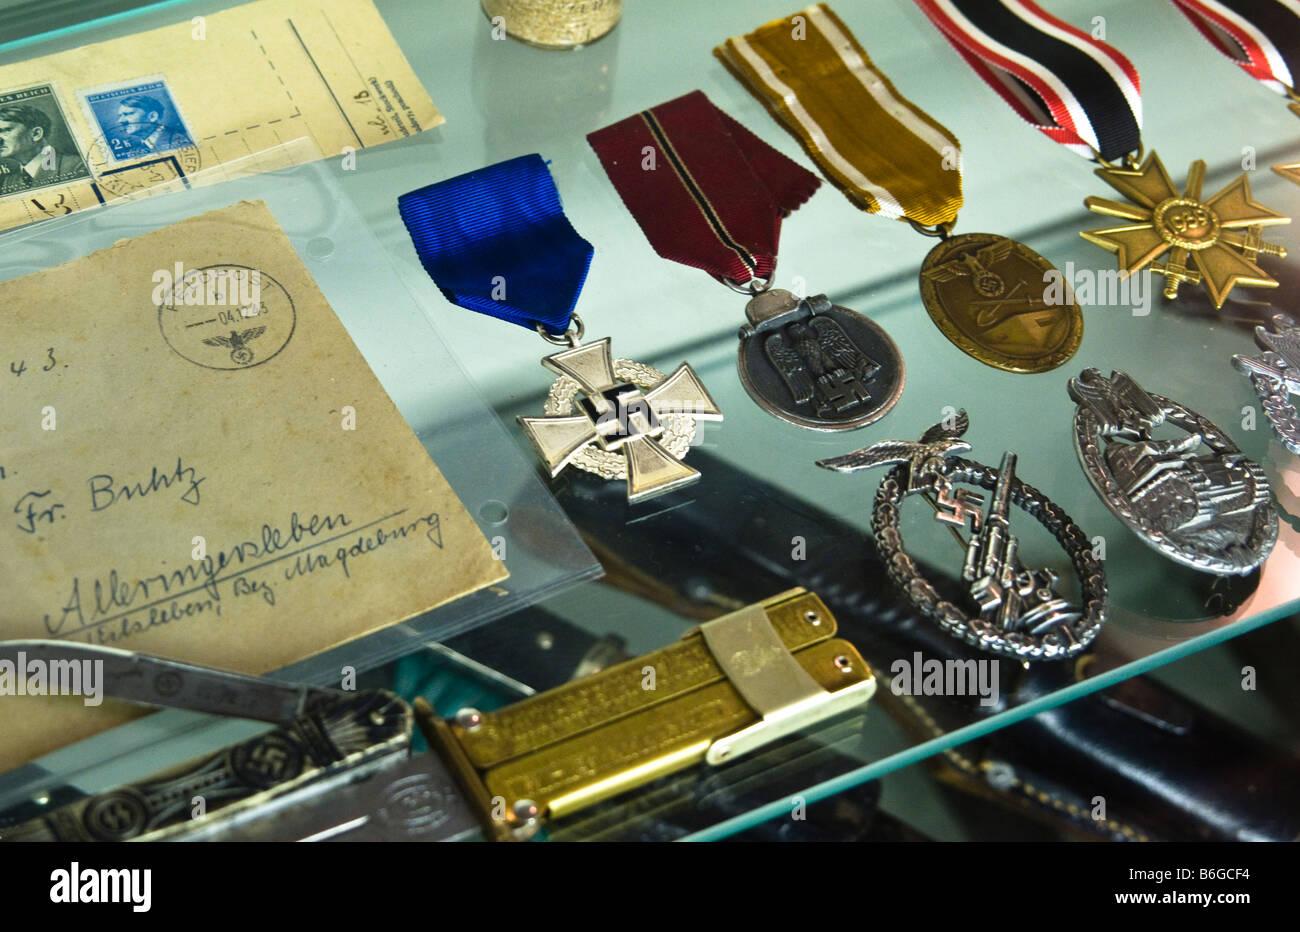 Sammler Vitrine von Nazi-Krieg-Memorabilien. Stockbild